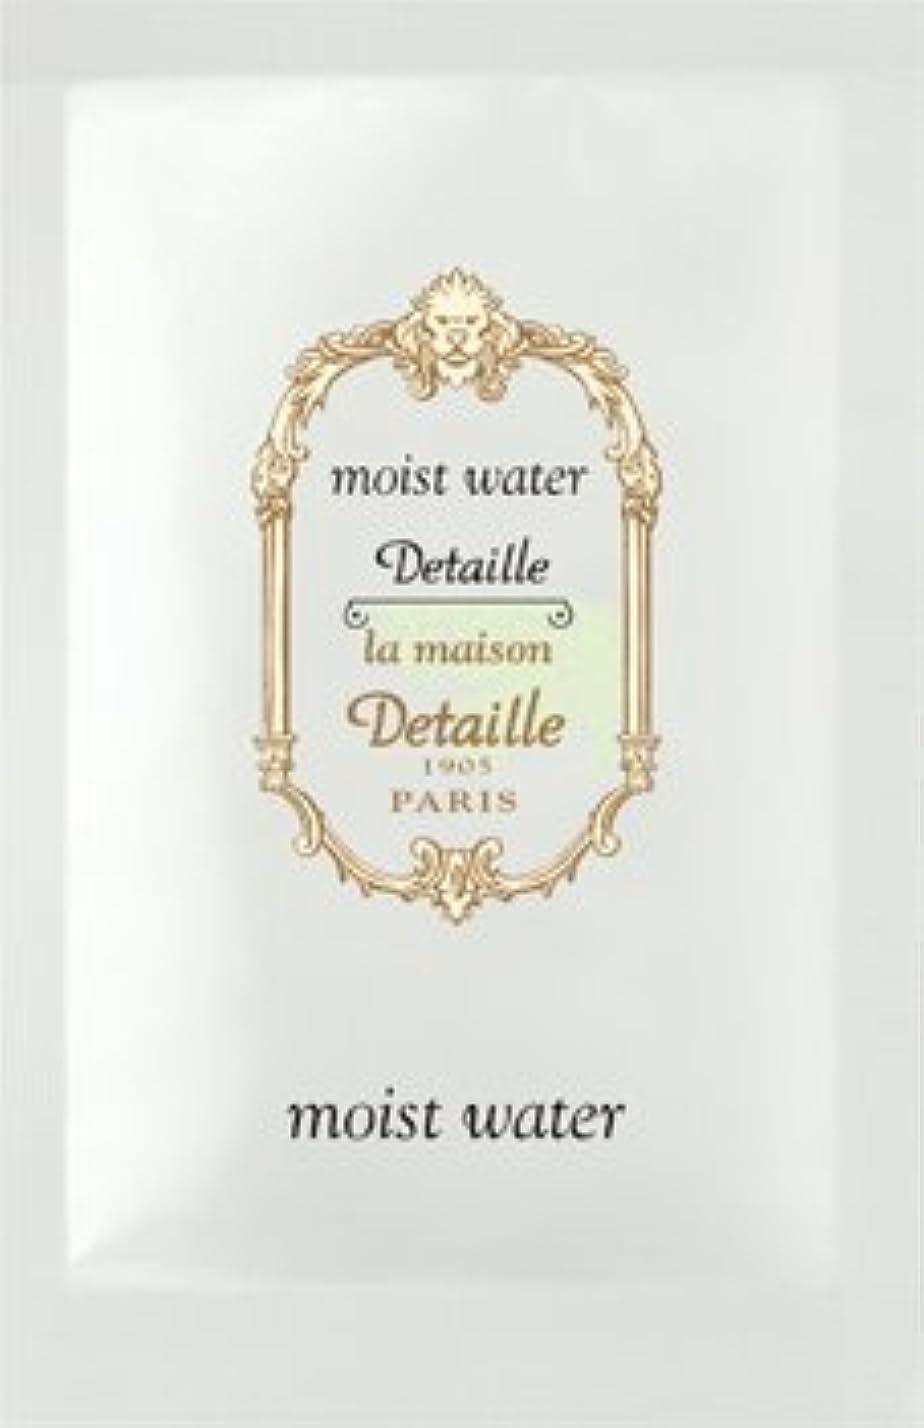 承知しました発表オーディションPOLA ポーラ デタイユ ラ メゾン 個包装 モイスト ウォーター<化粧水> 3mL×100包